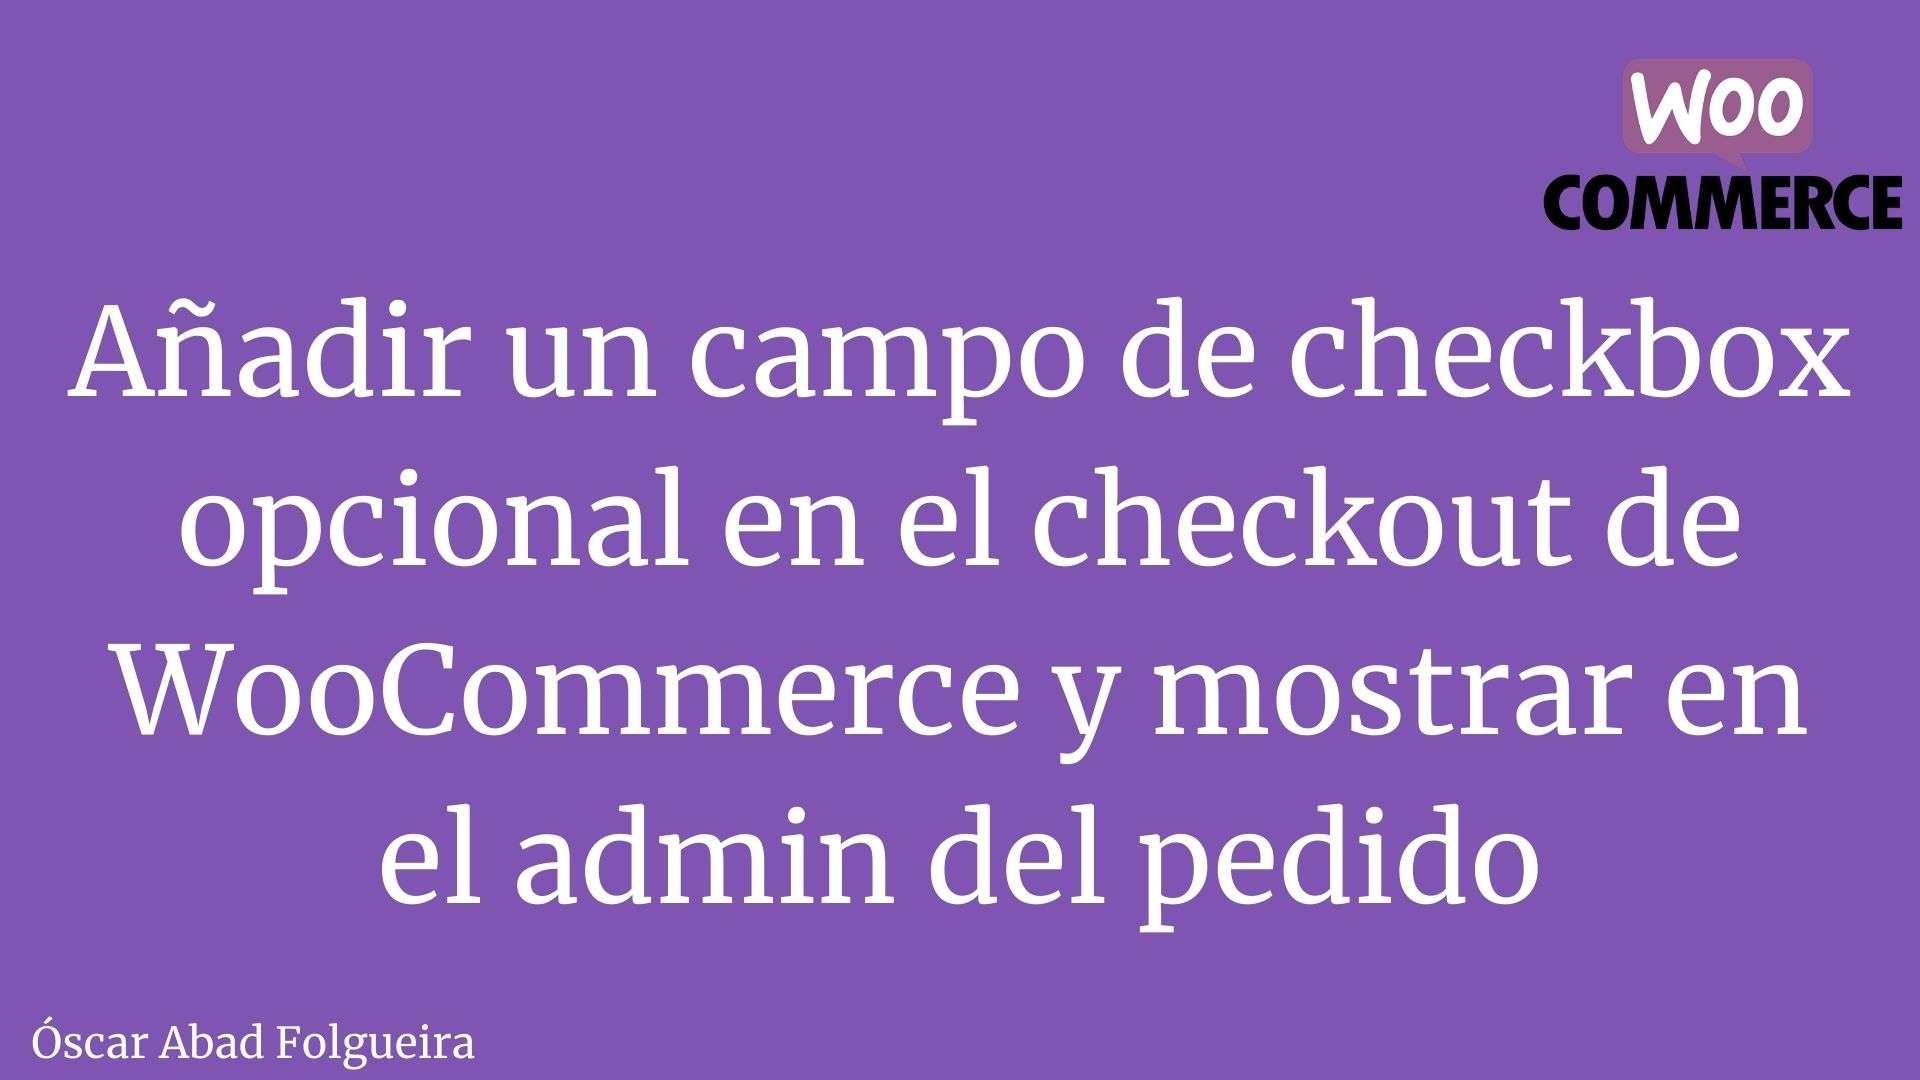 Añadir un campo de checkbox opcional en el checkout de WooCommerce